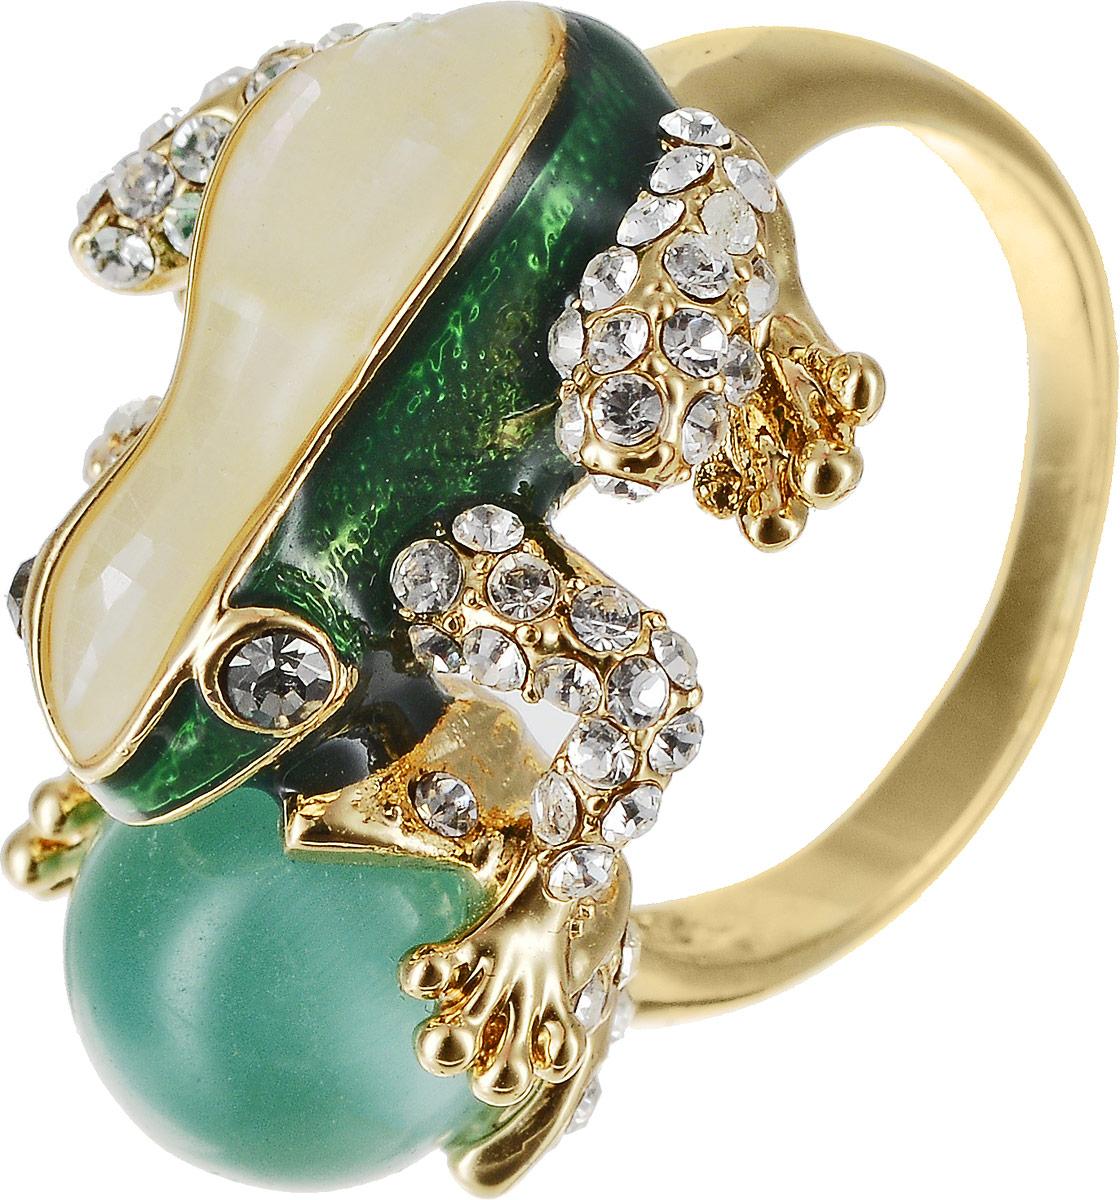 Кольцо Art-Silver, цвет: золотой, зеленый. 055R-1283. Размер 17,5 кольцо art silver цвет черный зеленый розовый 810998 802 1114 размер 17